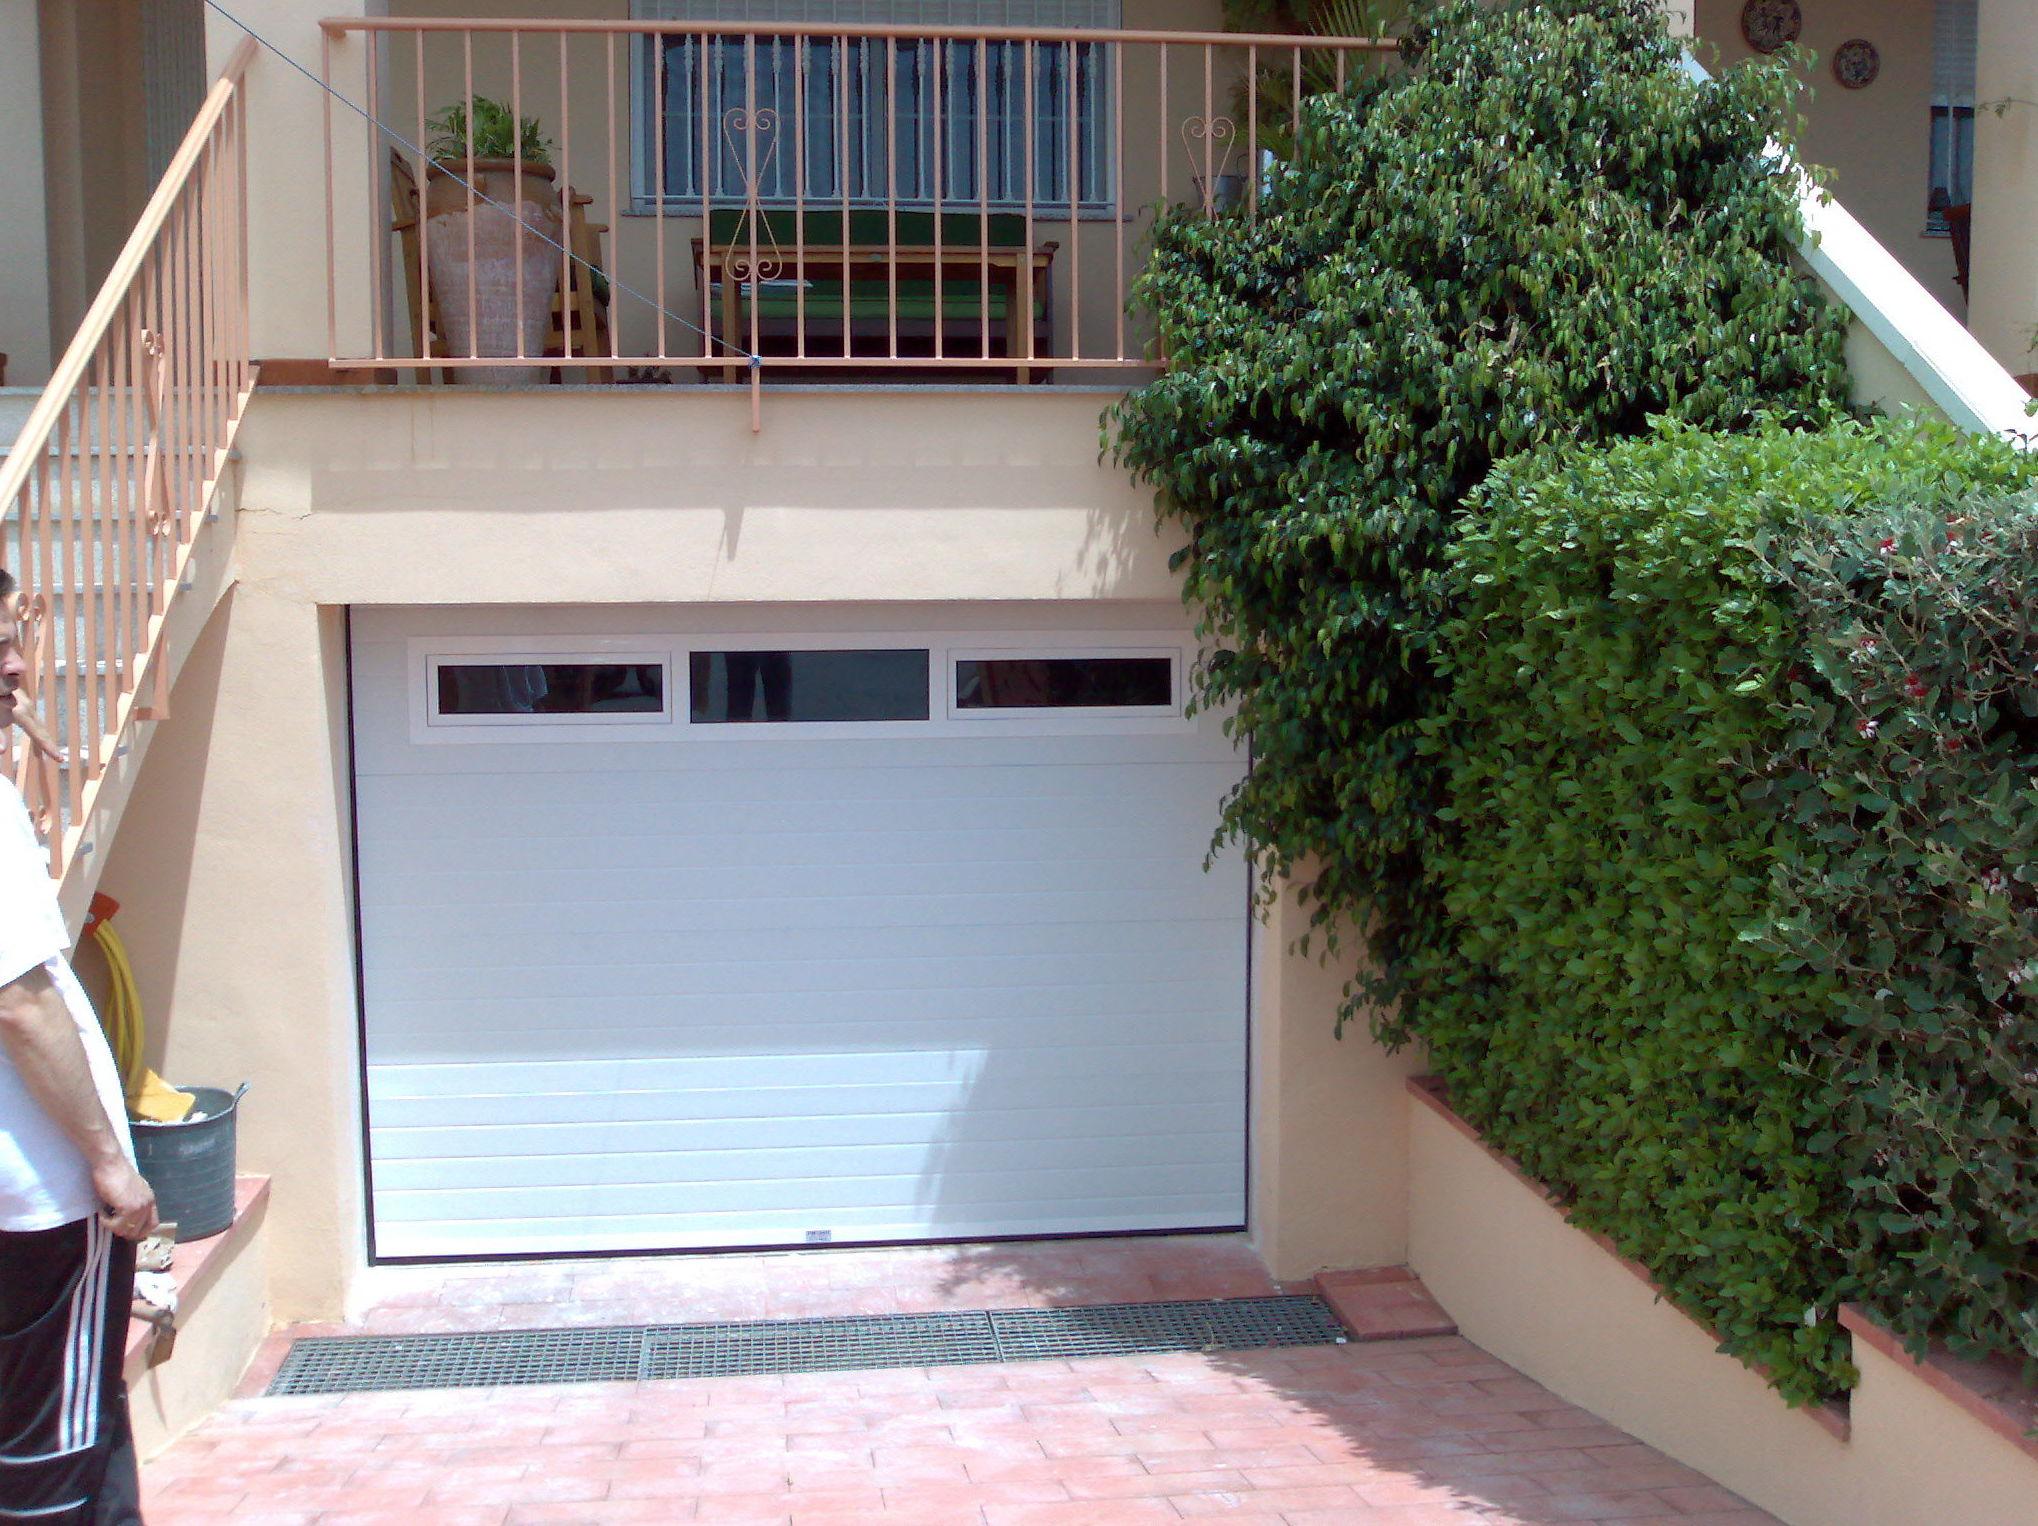 puerta seccional acanalada blanca, con ventanas